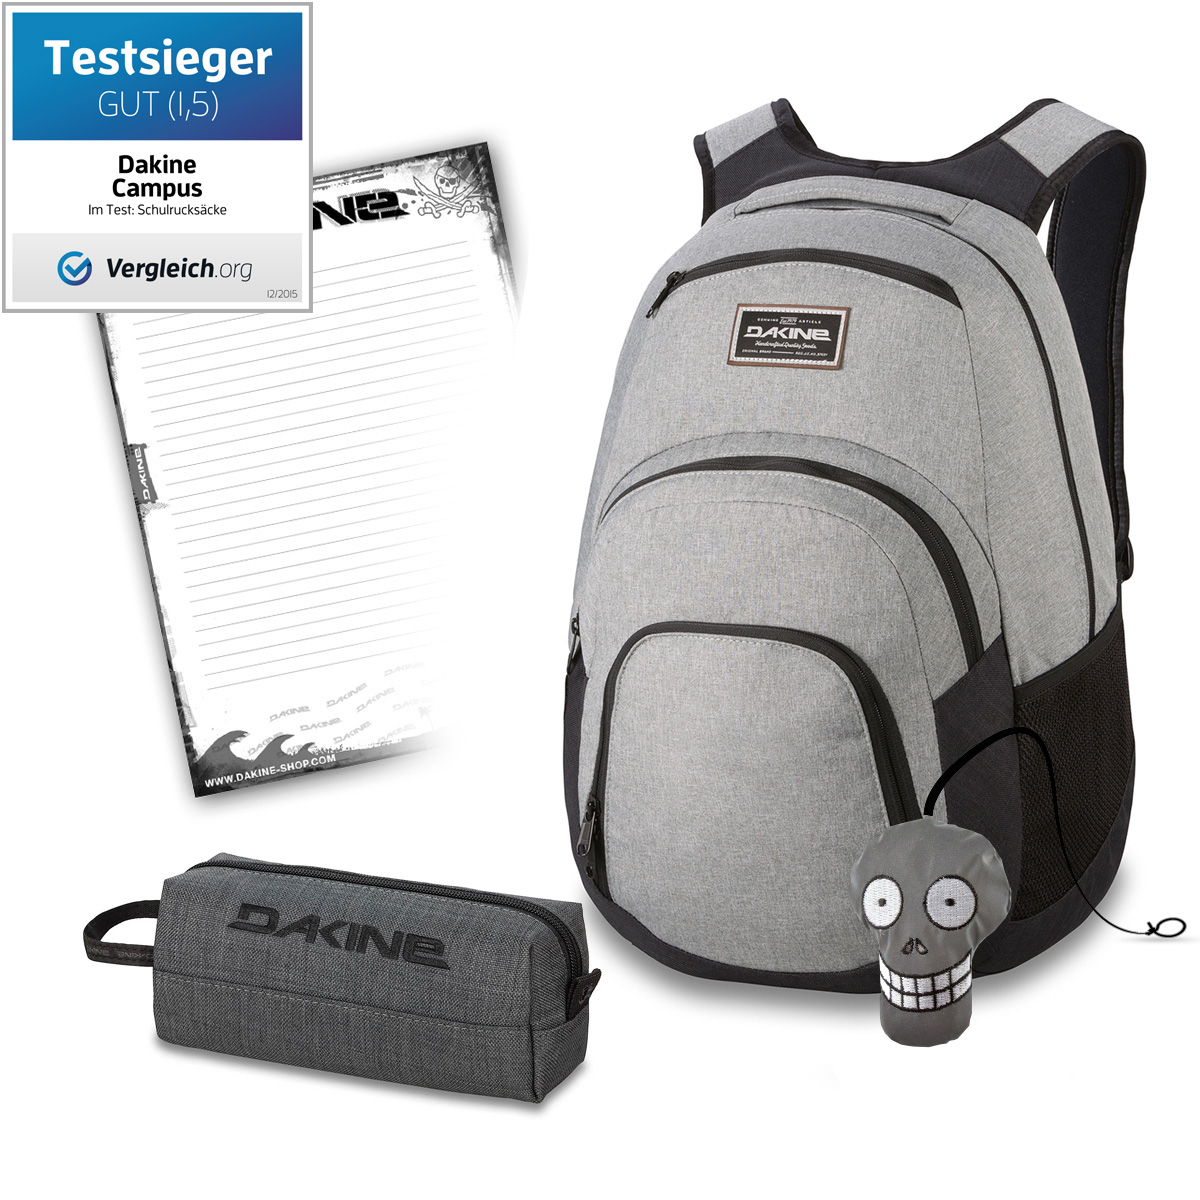 4915c7c1e1487 Sporttaschen   Rucksäcke DAKINE SET Laptop Rucksack Schulrucksack CAMPUS SM  25l ACCESSORY CASE Mäppchen